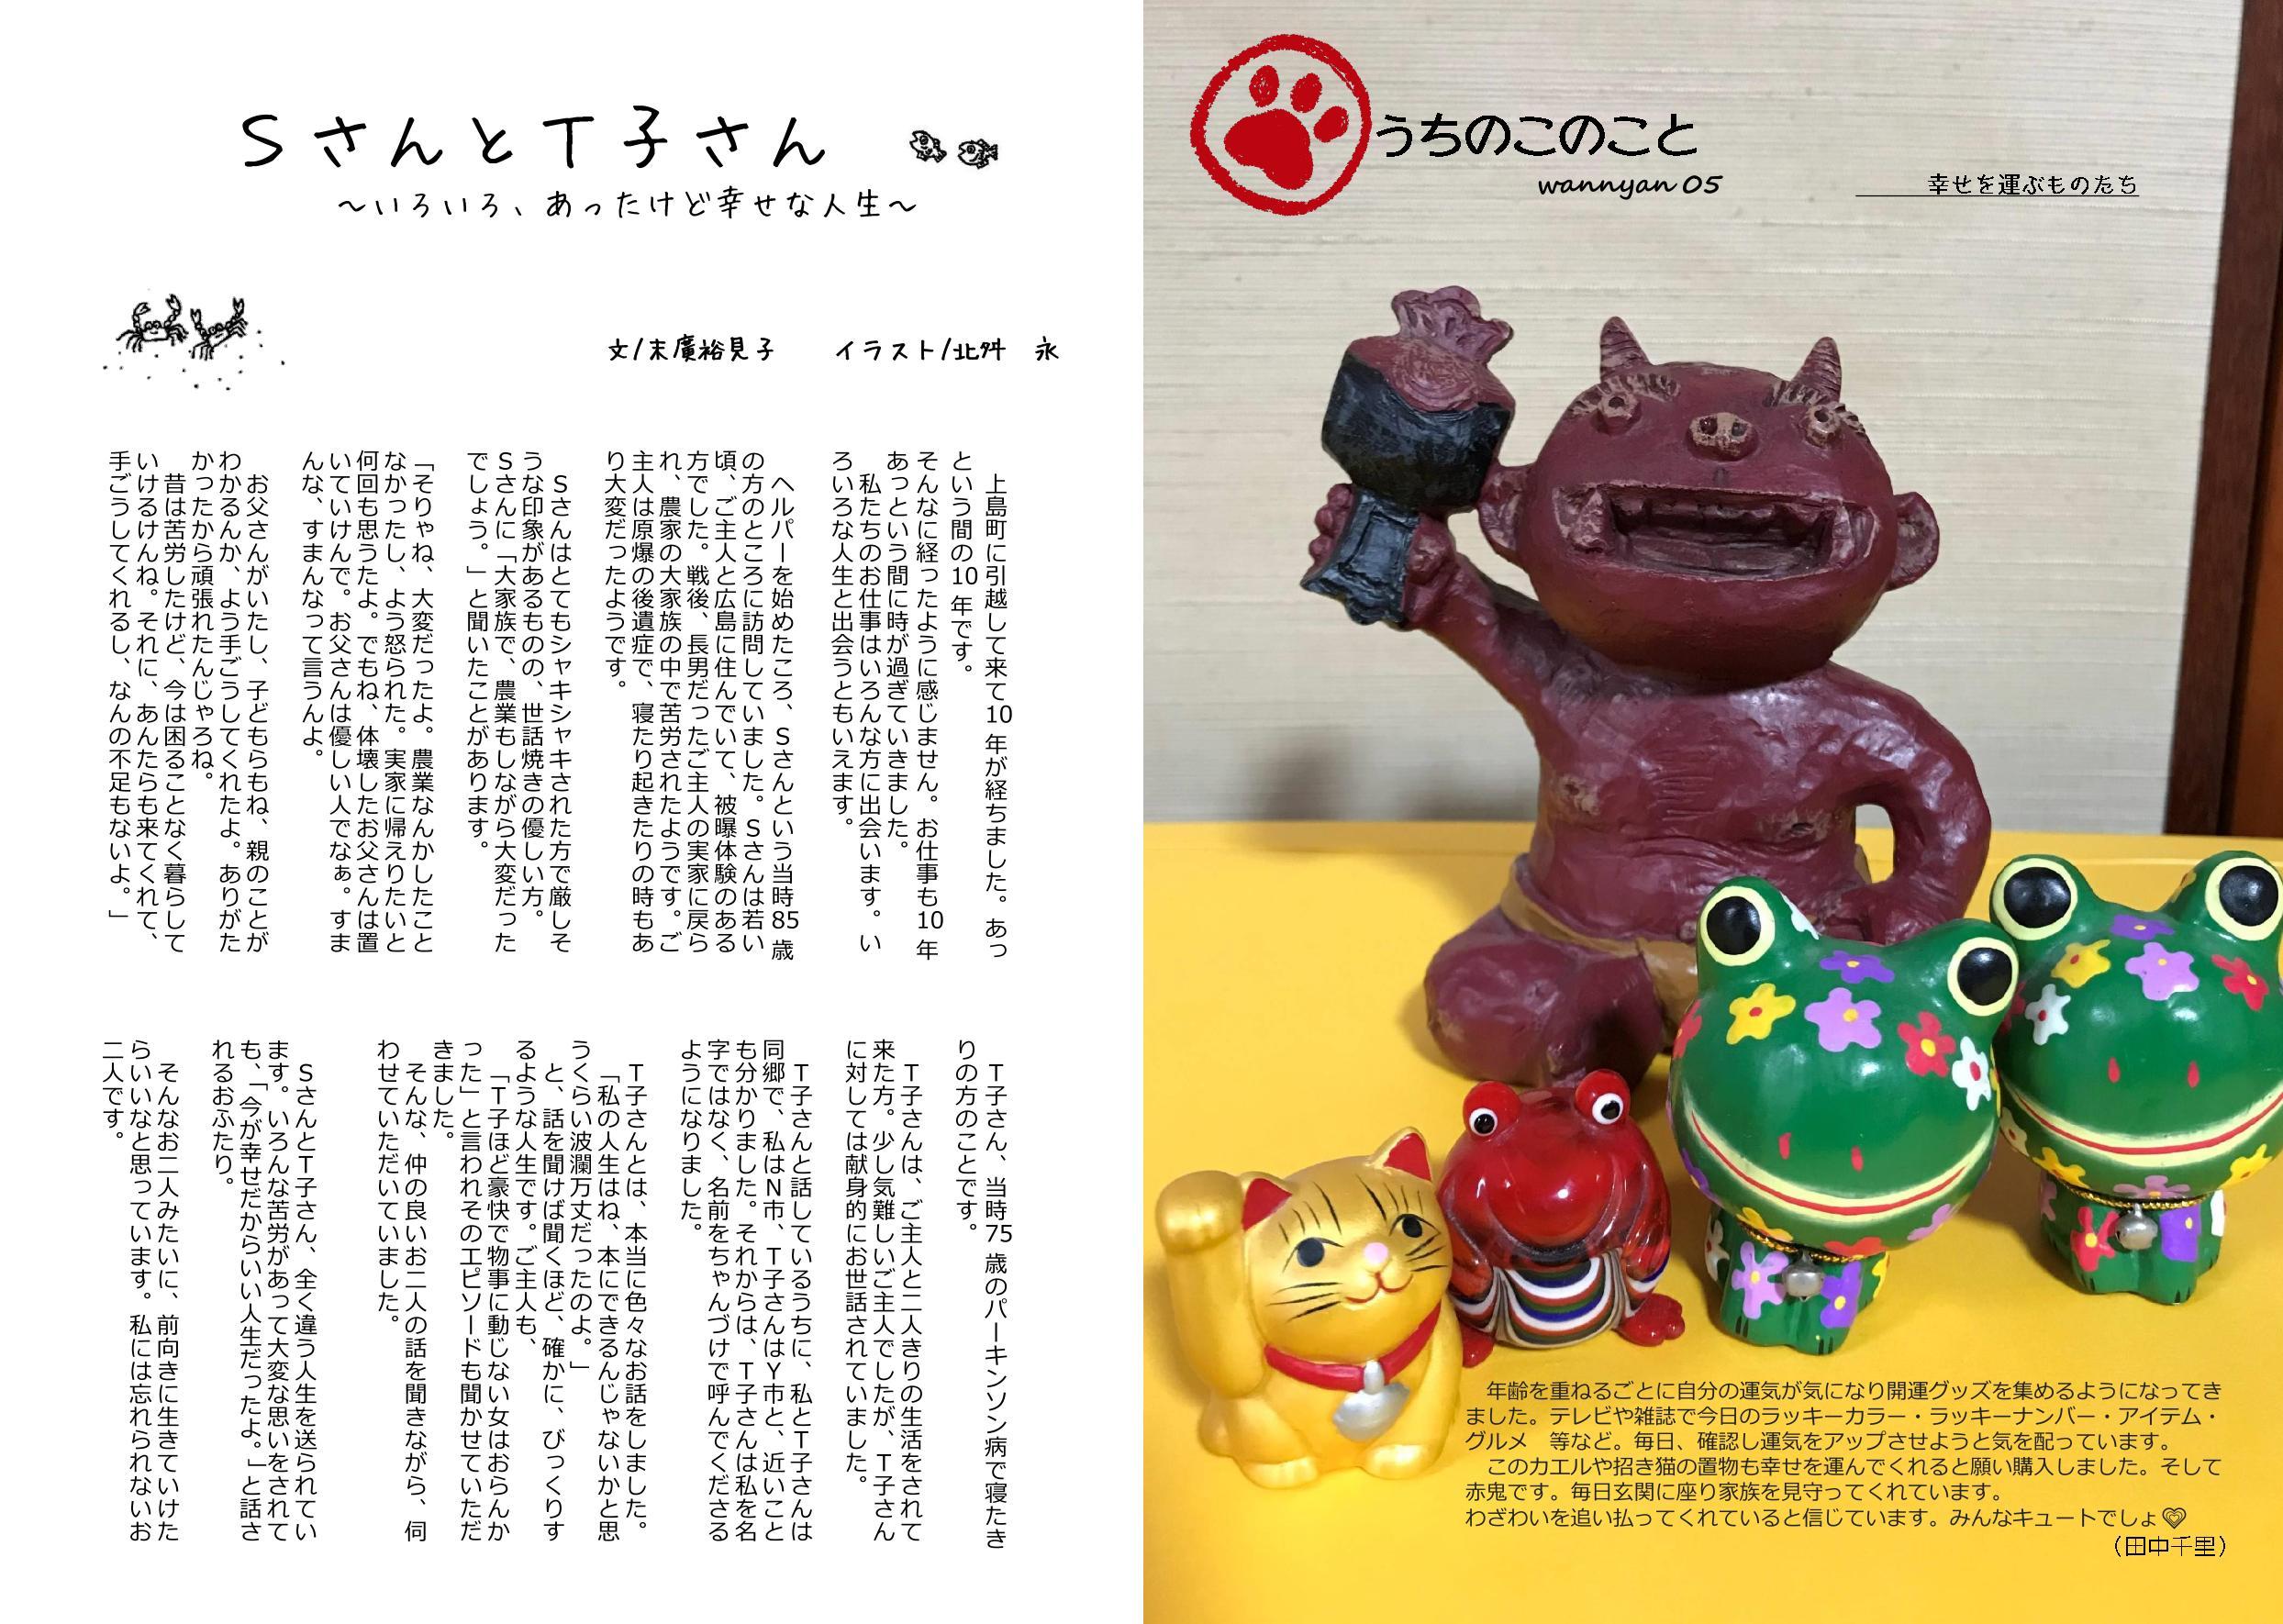 http://fukufukunokai.com/newsletter/images/6%E6%9C%88%E5%8F%B7_cropped_3.jpeg